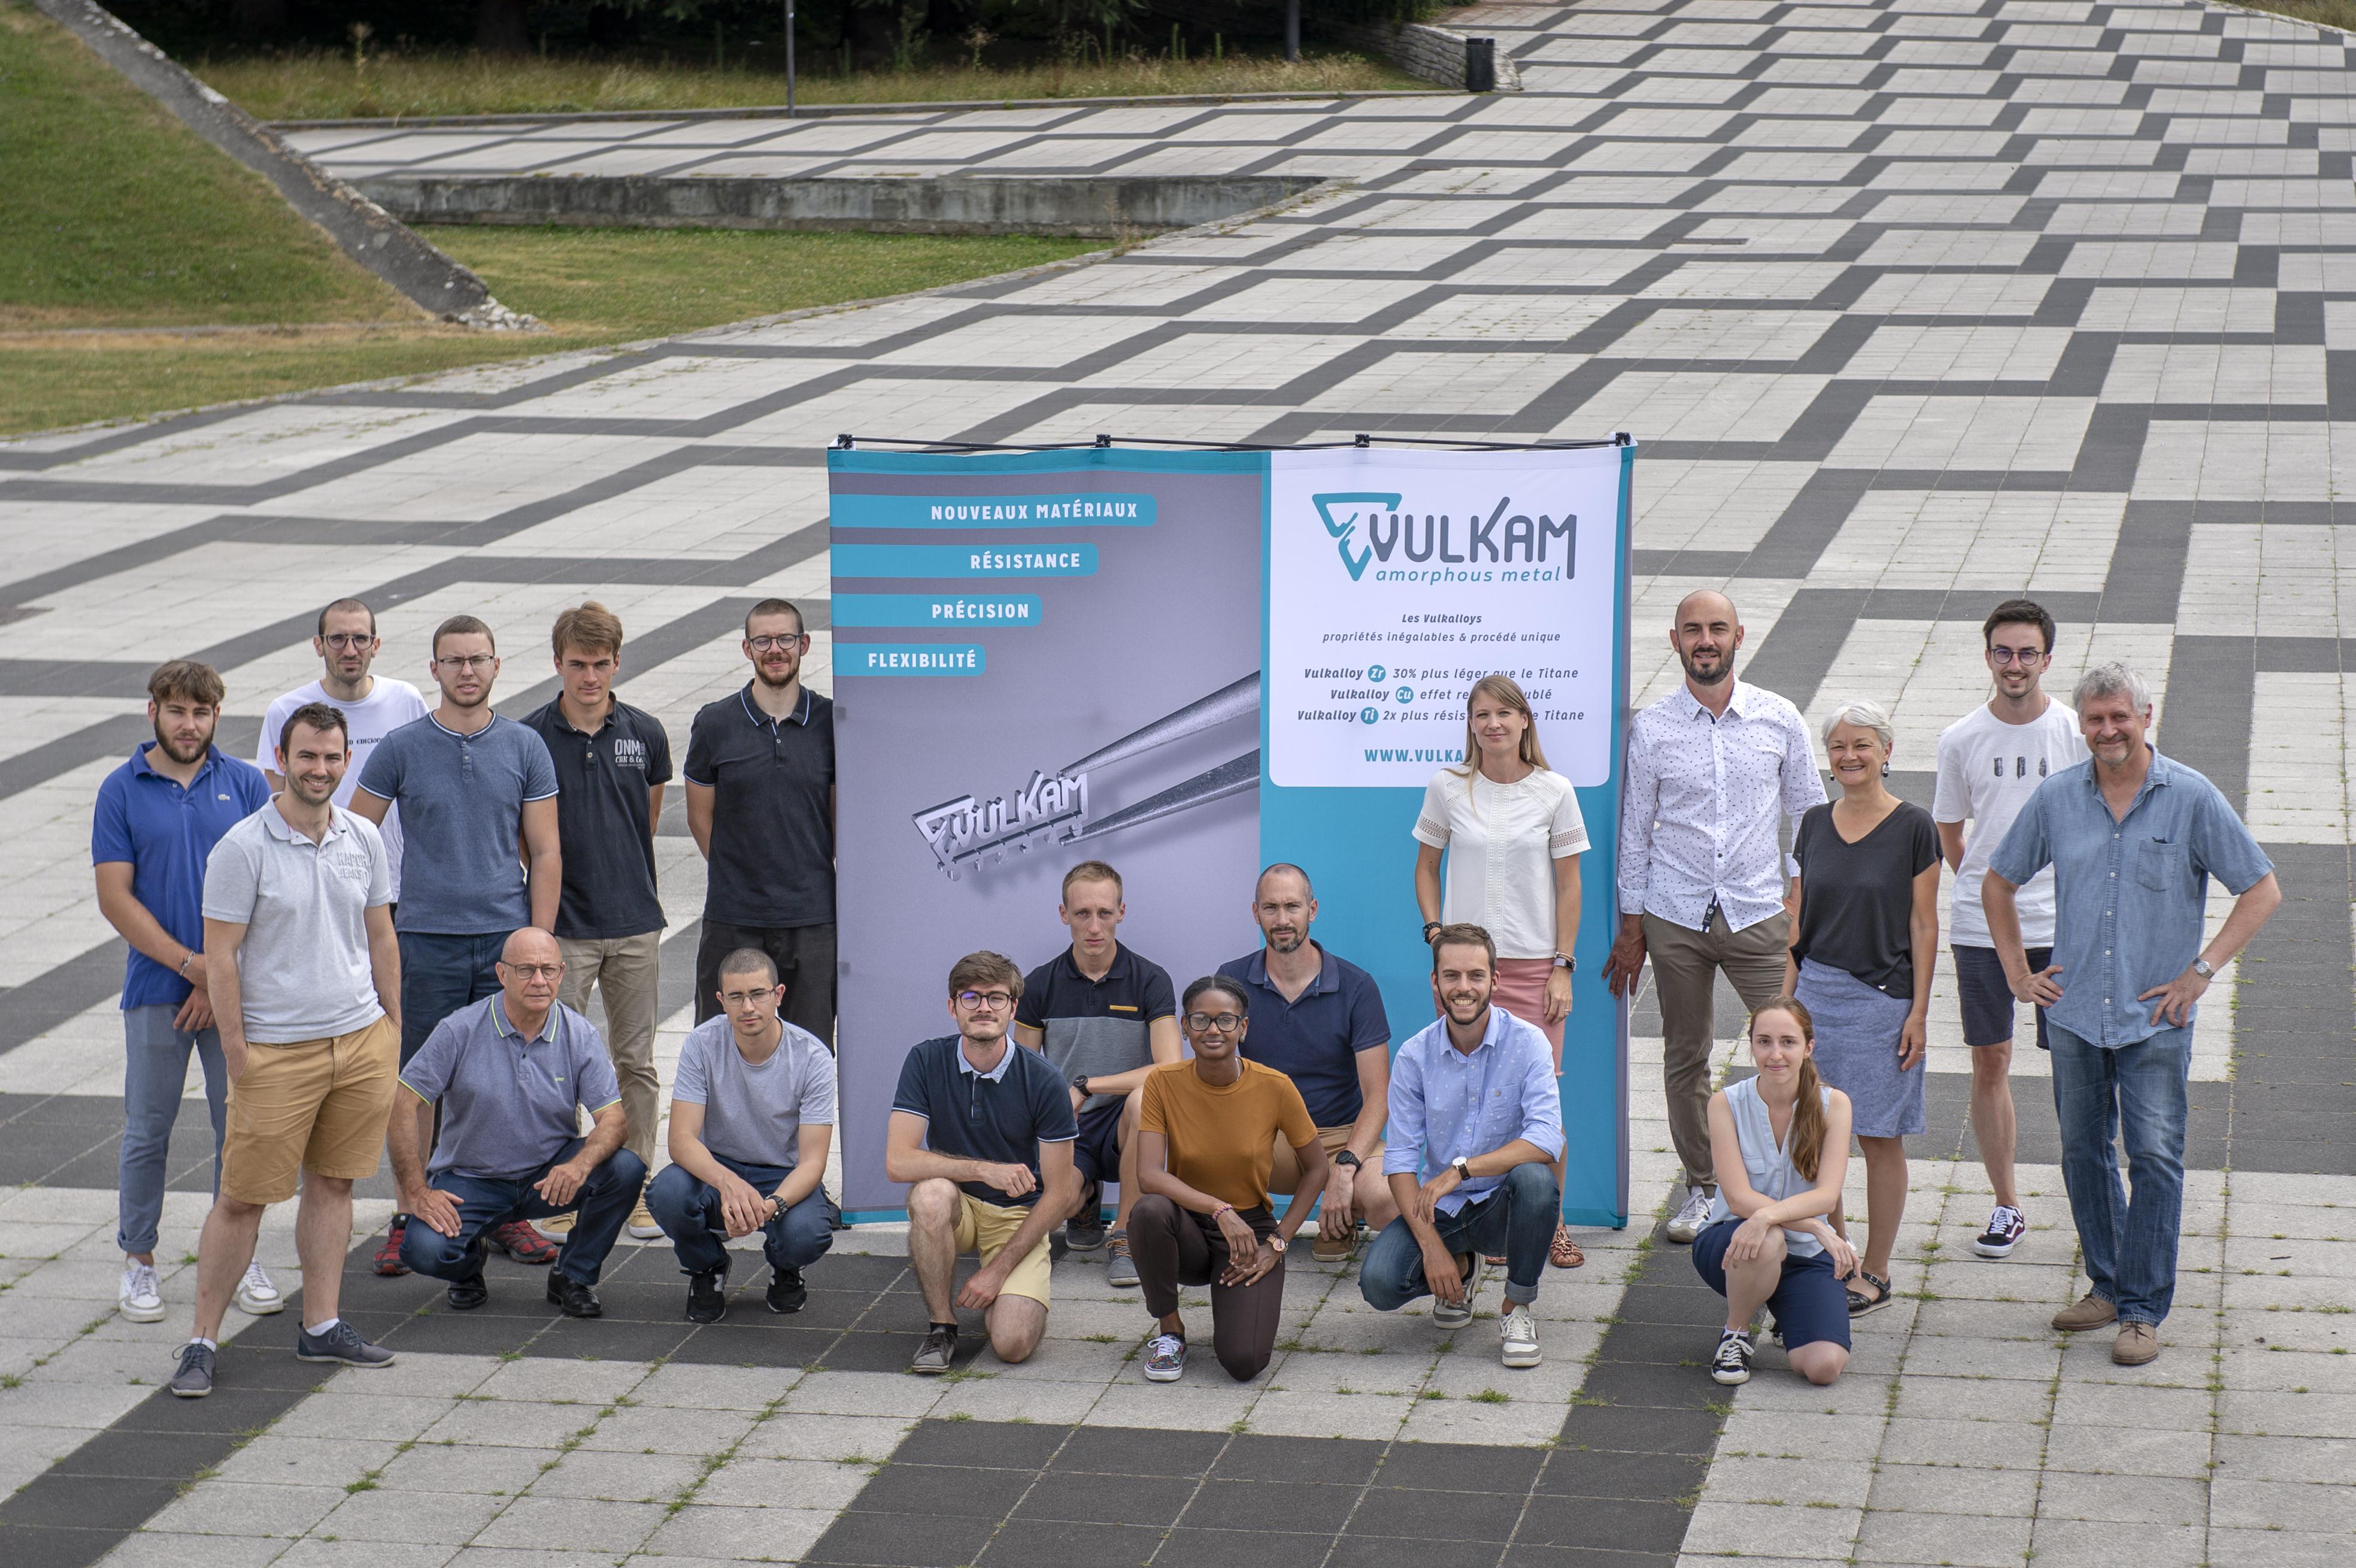 Léquipe Vulkam une startup boostée par Linksium